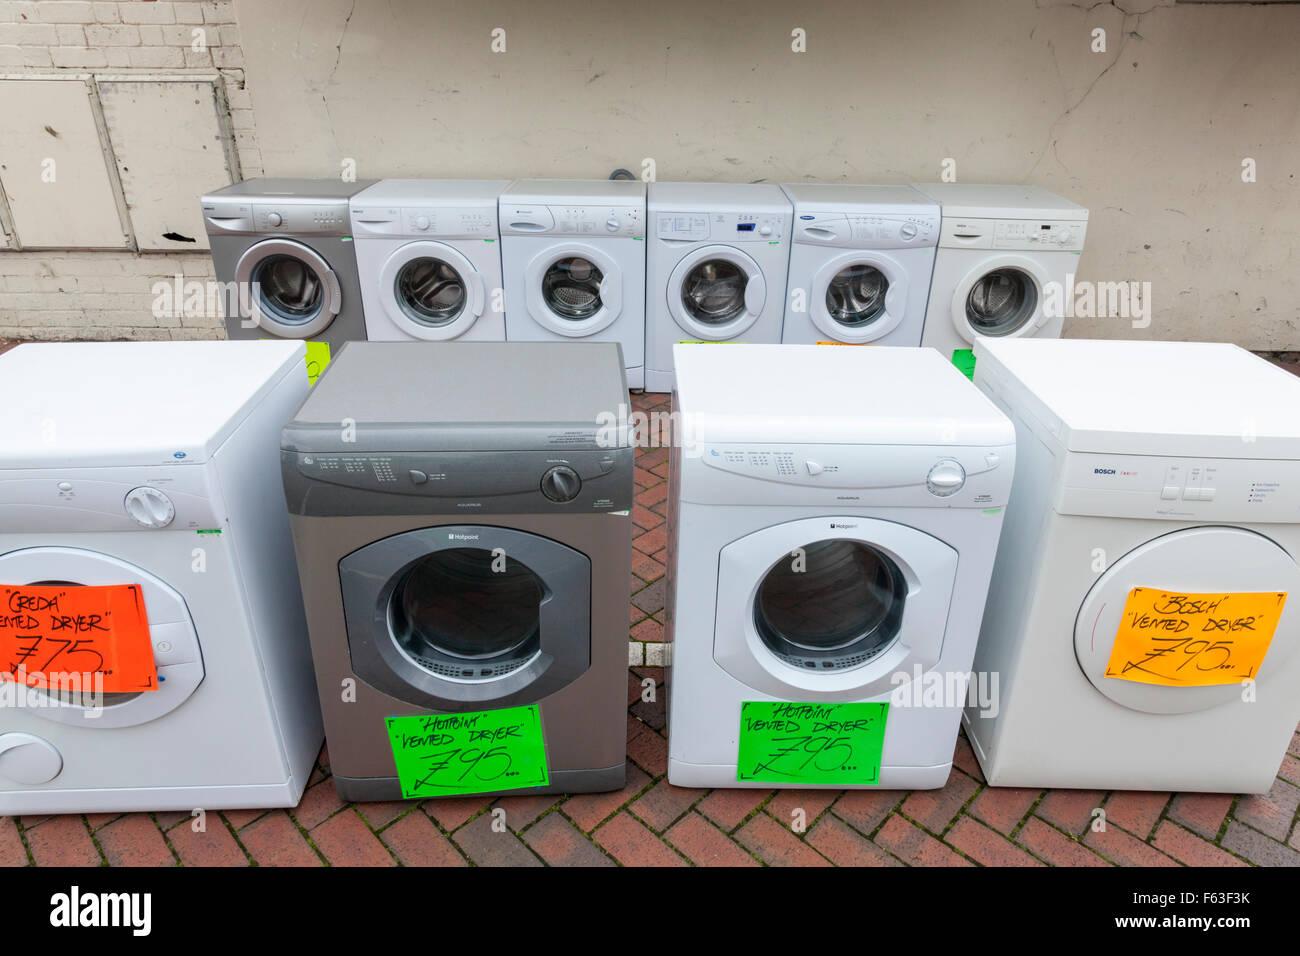 Gebrauchte zentrum waschmaschinen und bisher verwendeten